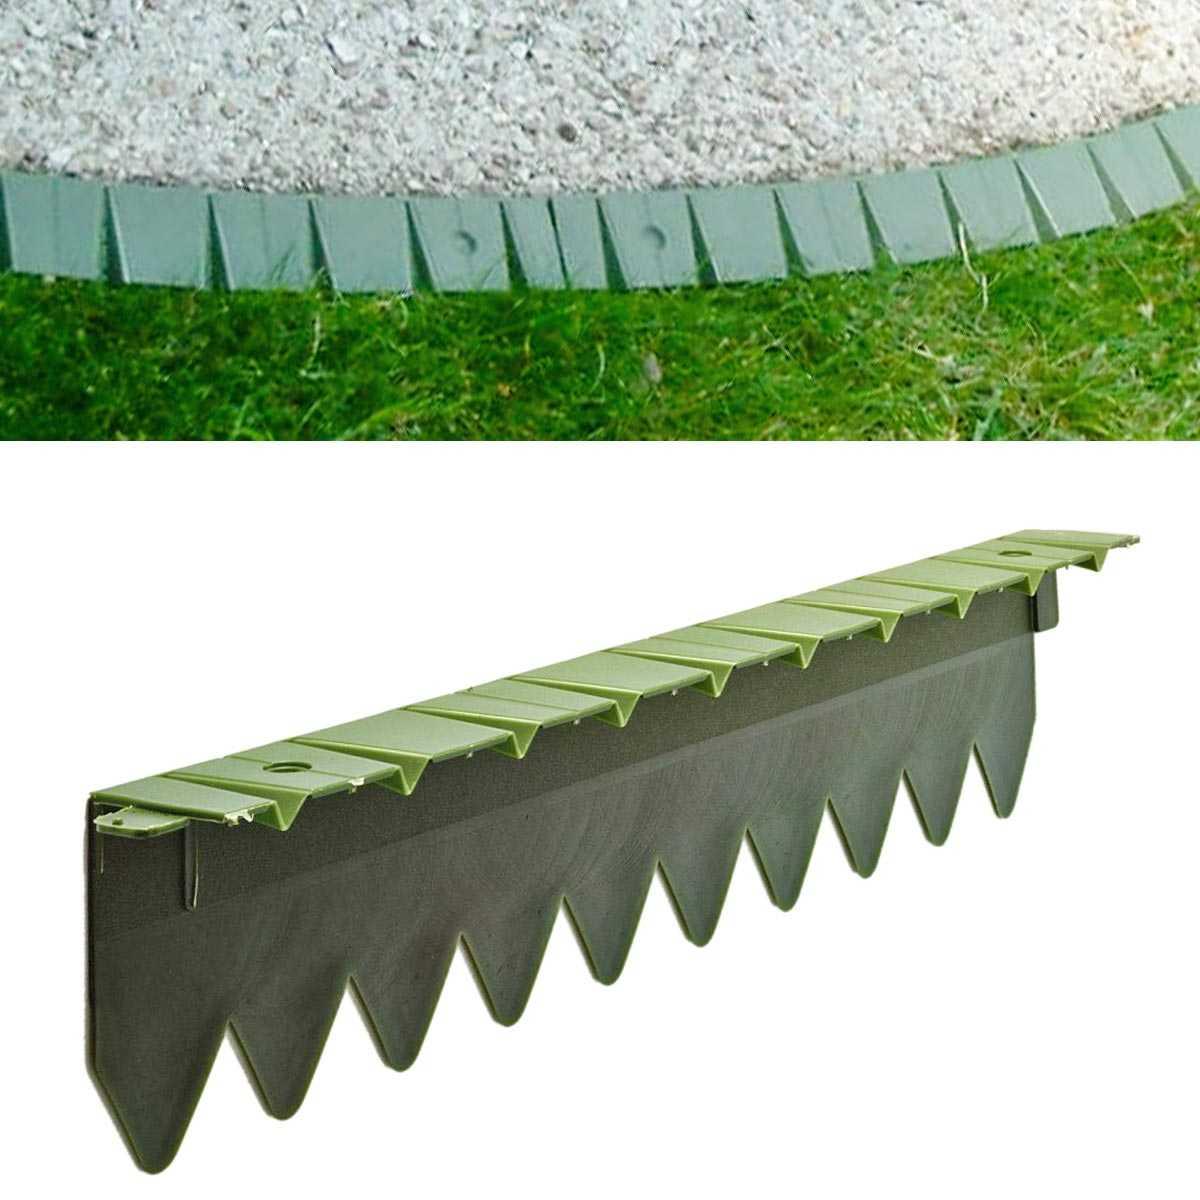 bordurette pelouse flexible en plastique 6x50cm bordure. Black Bedroom Furniture Sets. Home Design Ideas